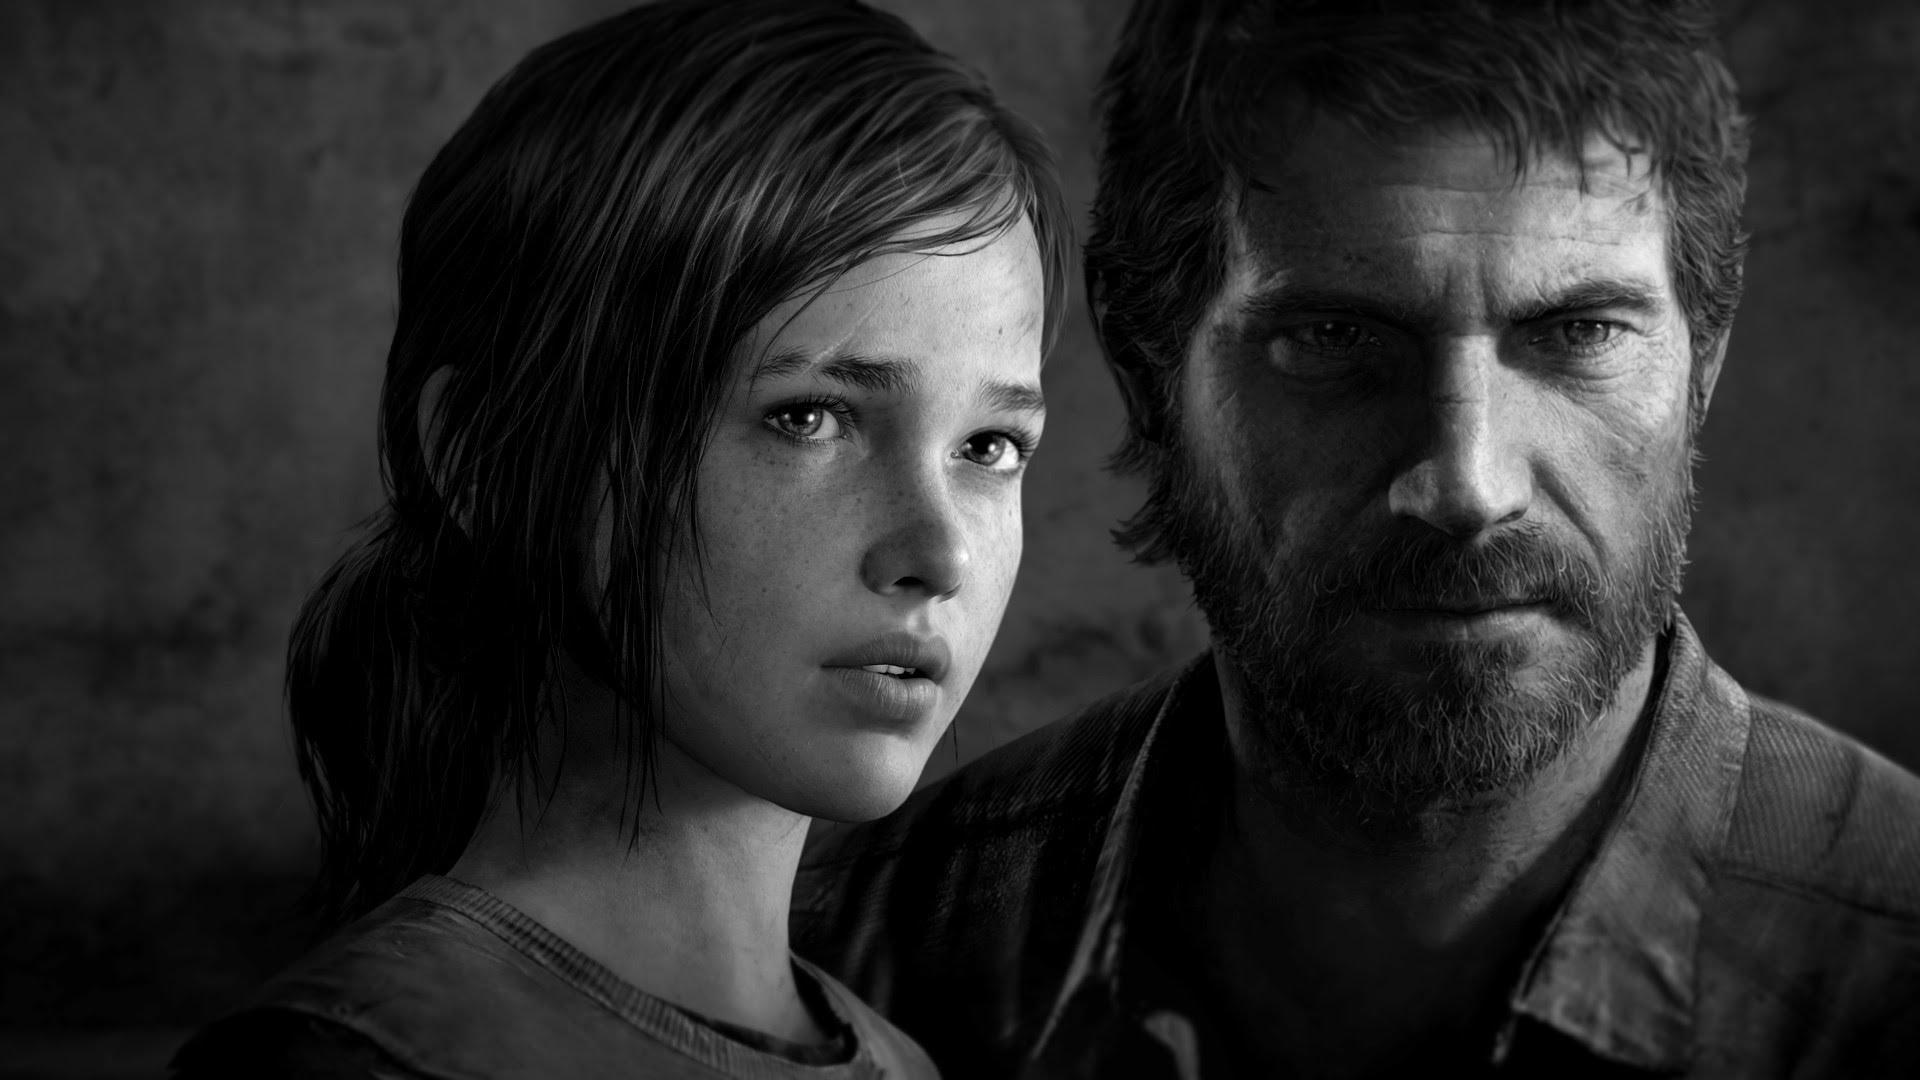 淺談《最後生還者 The Last Of Us》的代入感塑造和反傳統的敘事